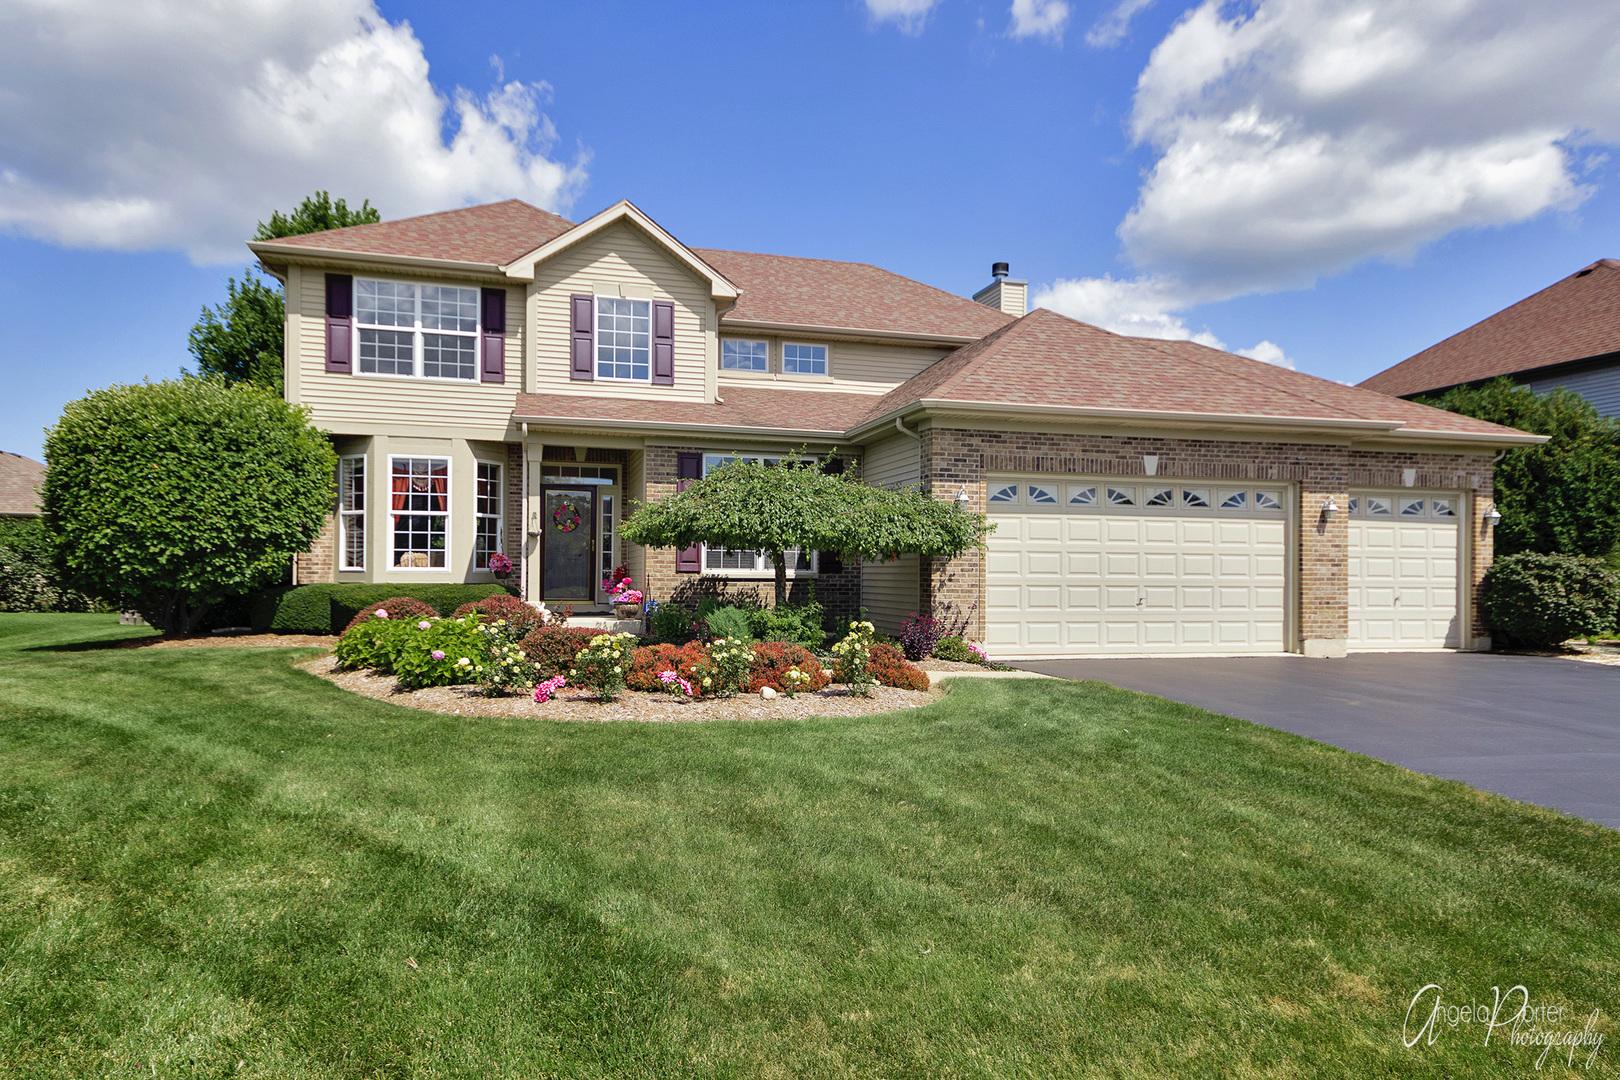 2716 Bush Terrace, Mchenry, IL 60051